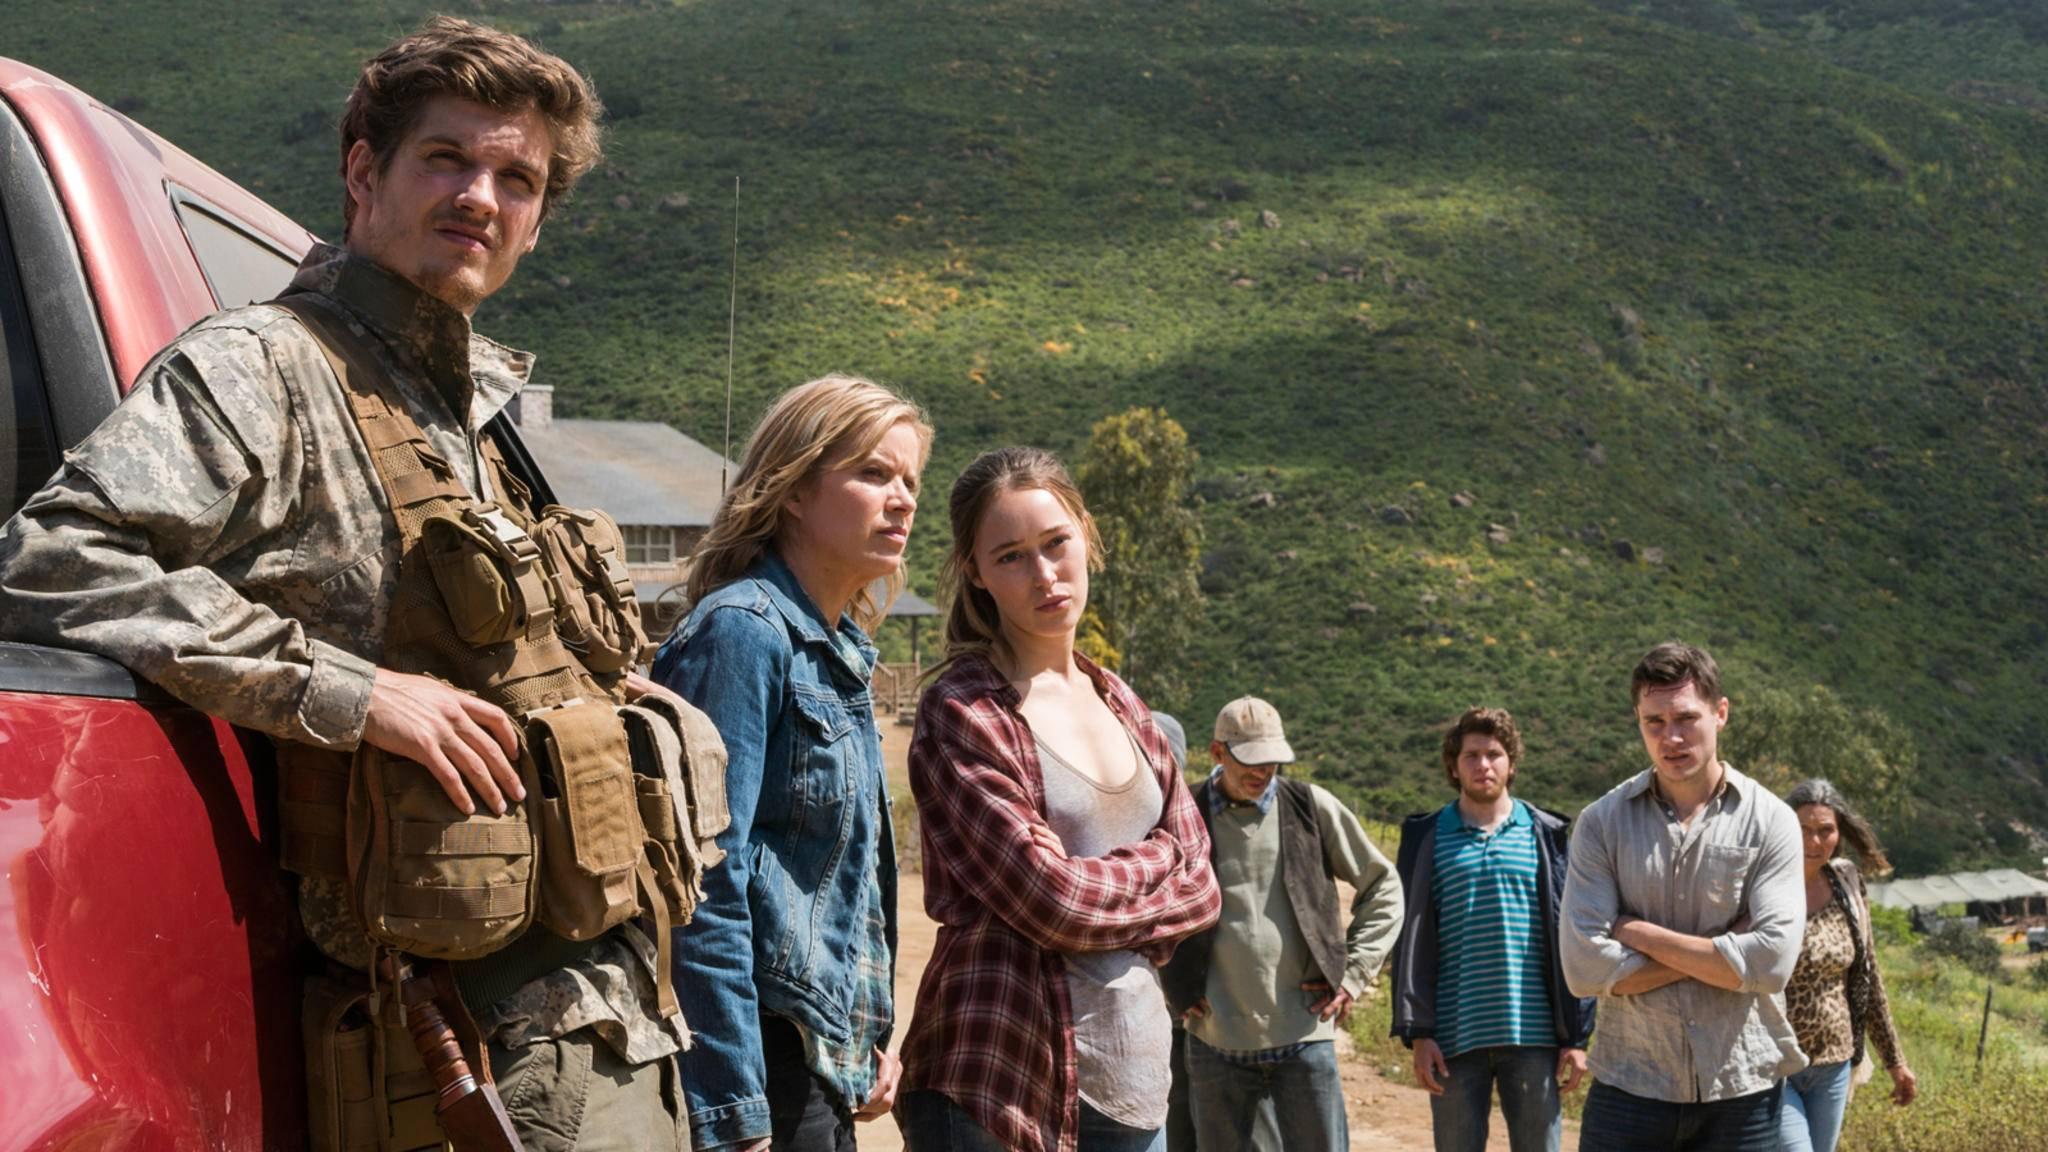 """Die Aussichten für den Rest von Staffel 3 sind für die Charaktere aus """"Fear the Walking Dead"""" alles andere als rosig."""